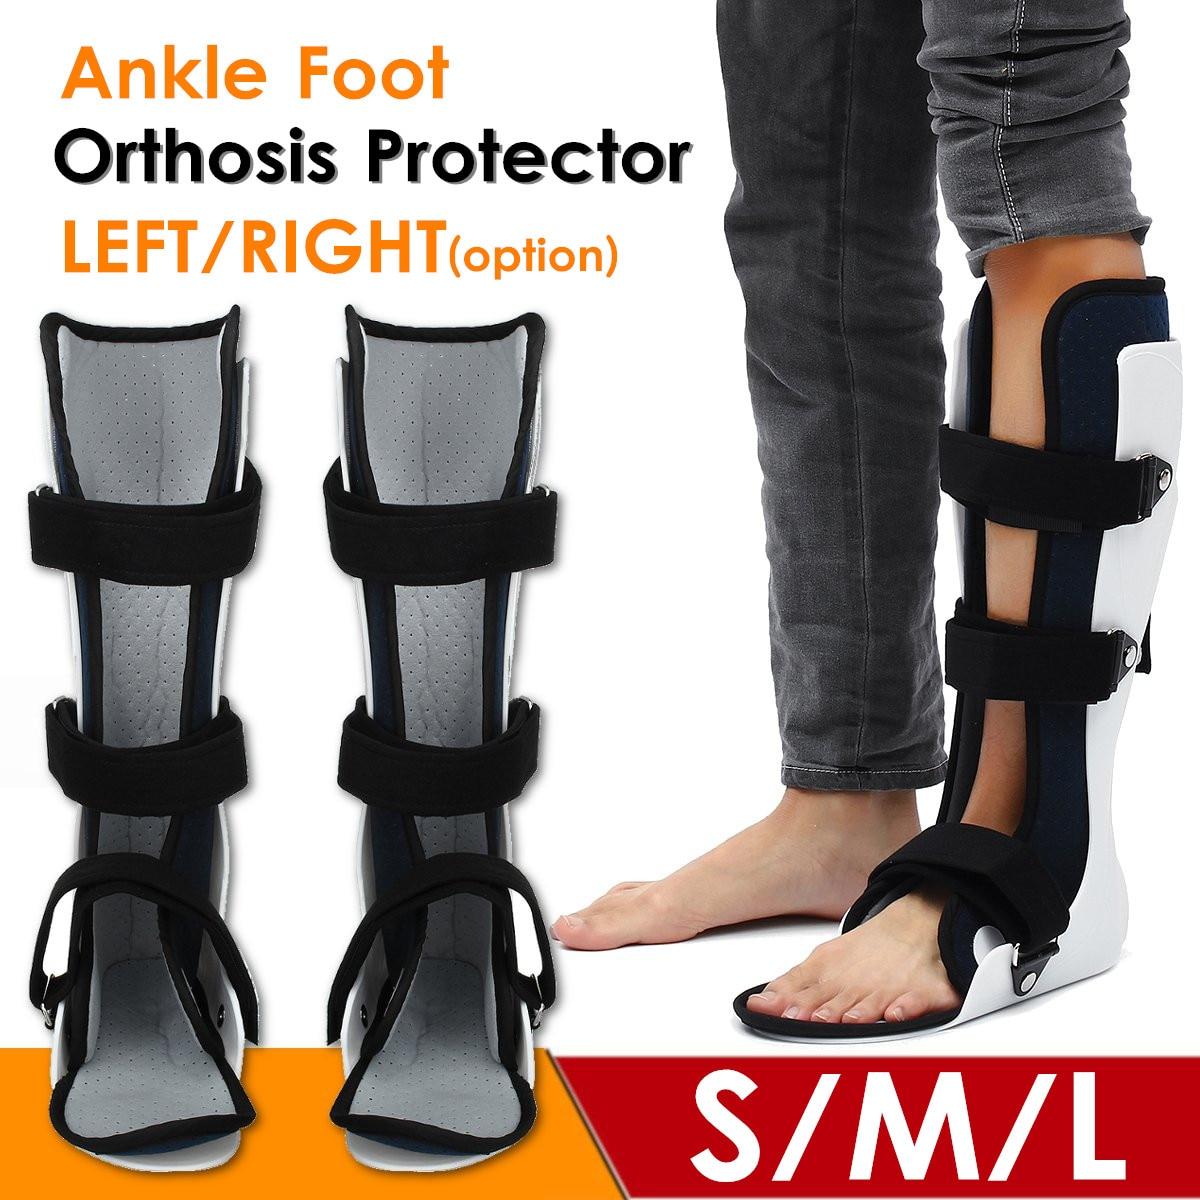 Protetor de tornozelo ajustável suporte cinta de tornozelo esportes tiras de tornozelo suporte esportes pé ajustável orthose estabilizador s/m/lfoot